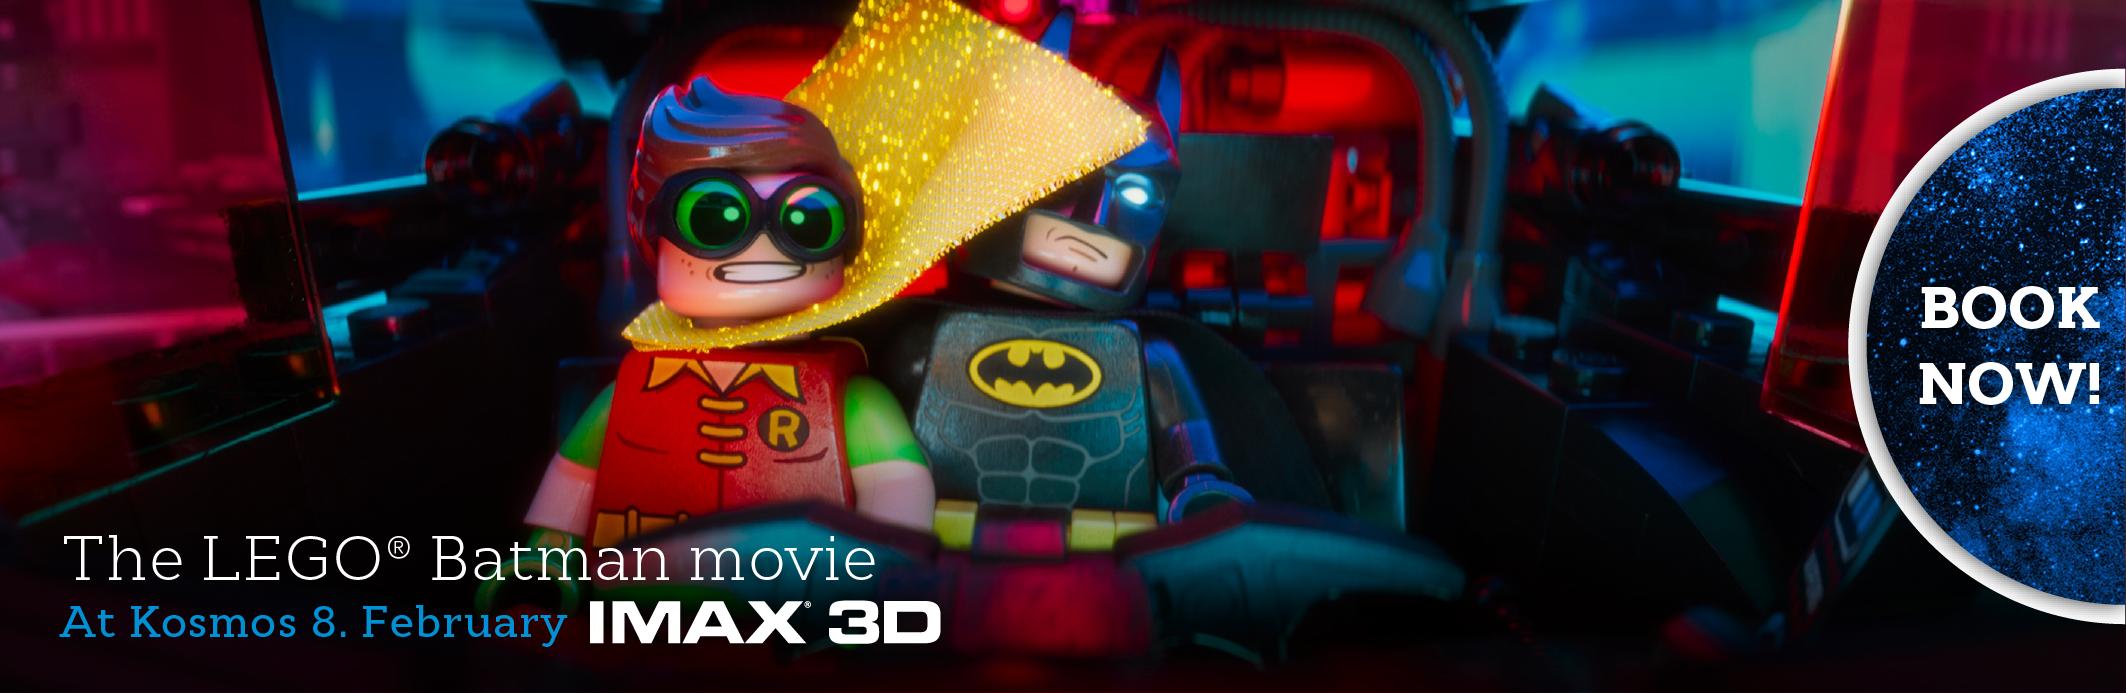 Lego Batman Movie IMAX 3D (banner)